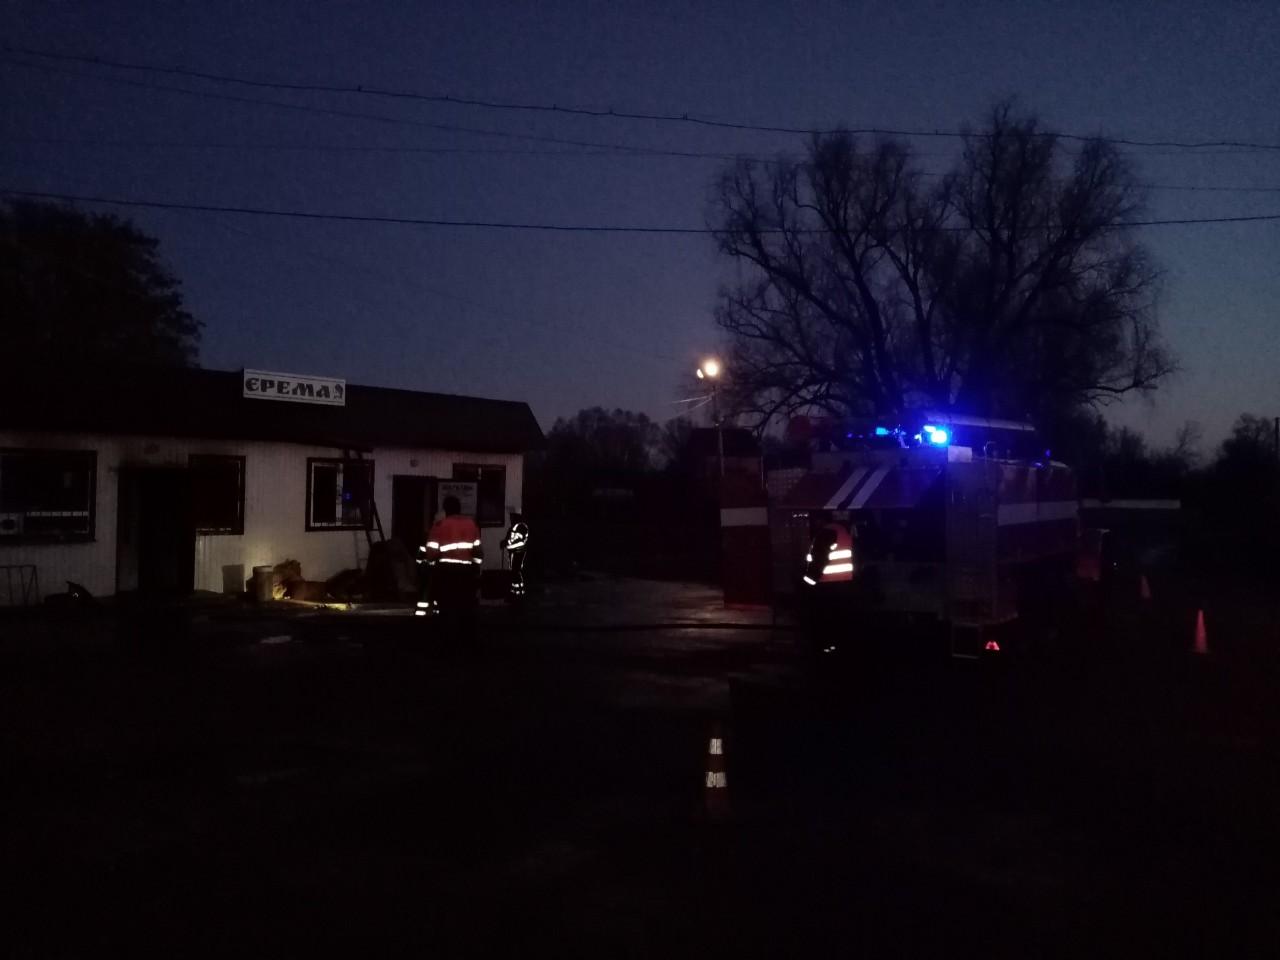 """У Заворичах на Броварщині сталася пожежа в магазині """"Єрема"""" -  - IMG e12ce73c6f3d0b9491f8ad342ae68e7f V"""